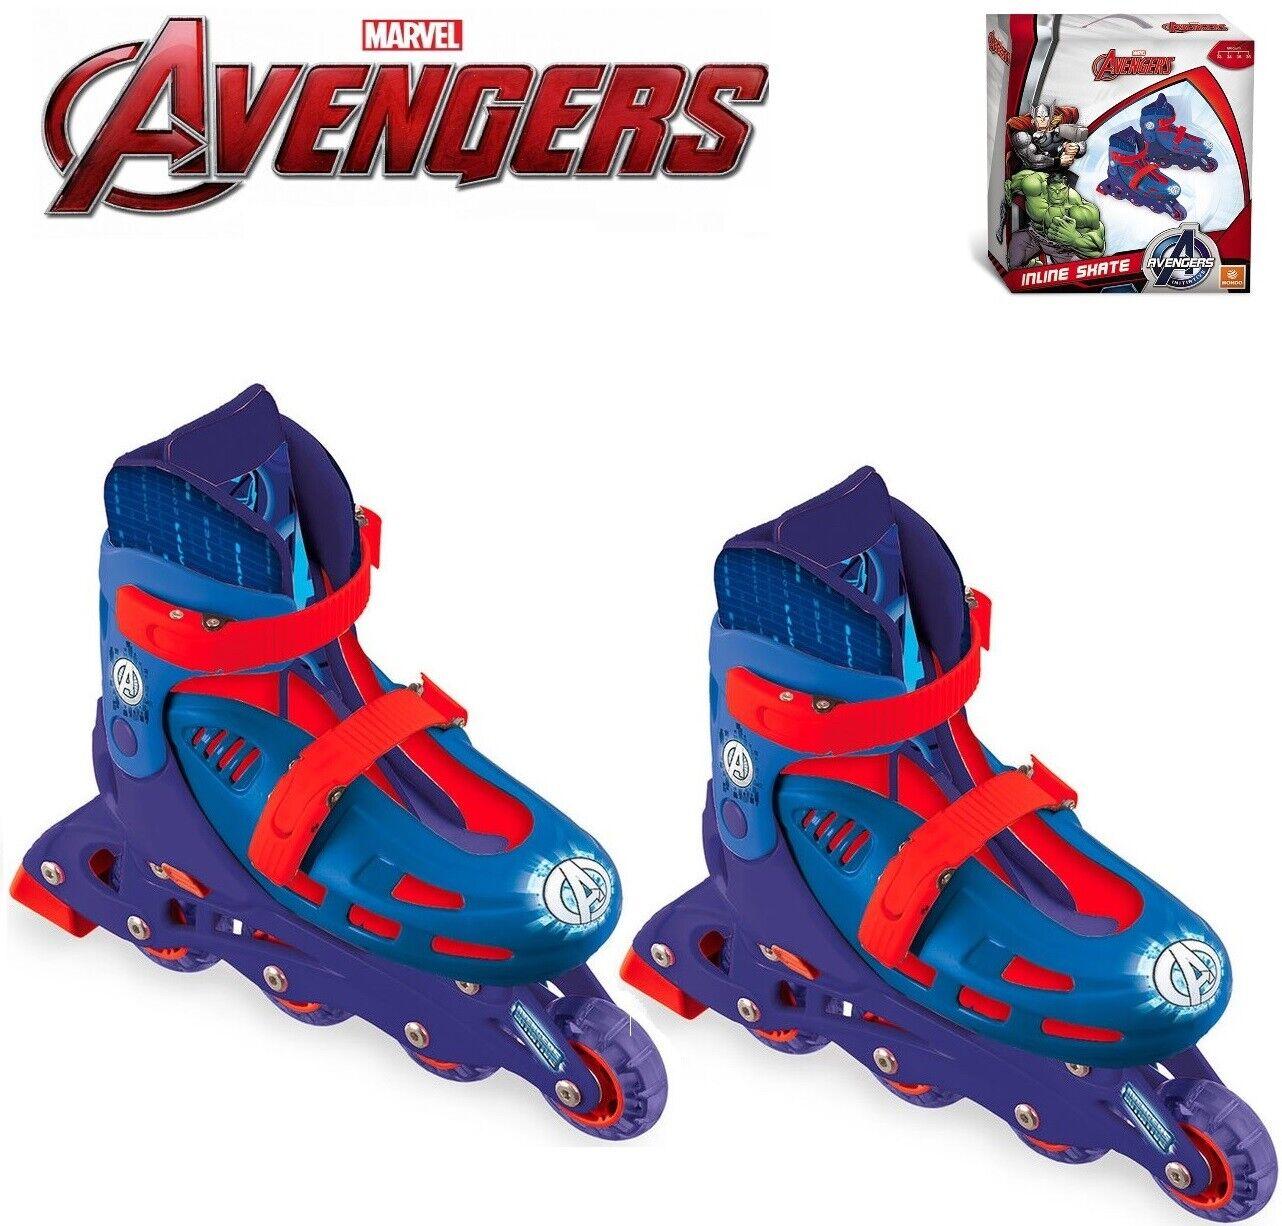 Patins dans Ligne 4 Roues Réglable Diuominiione 33343536 Avengers Avengers